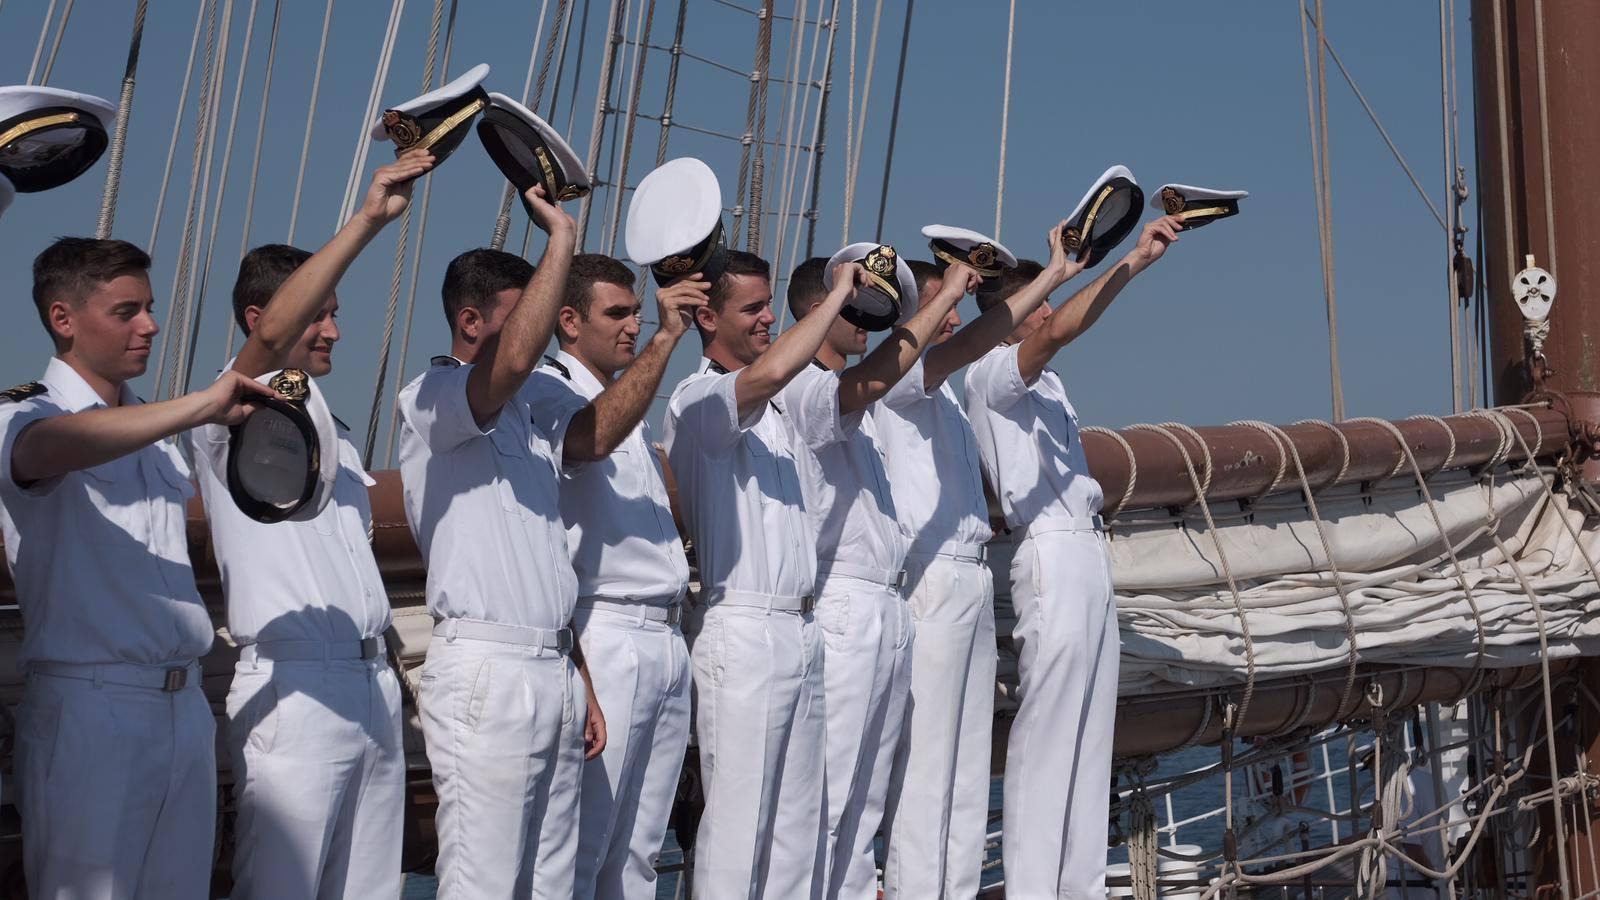 El buque escuela ha recibido más de 15.700 visitas